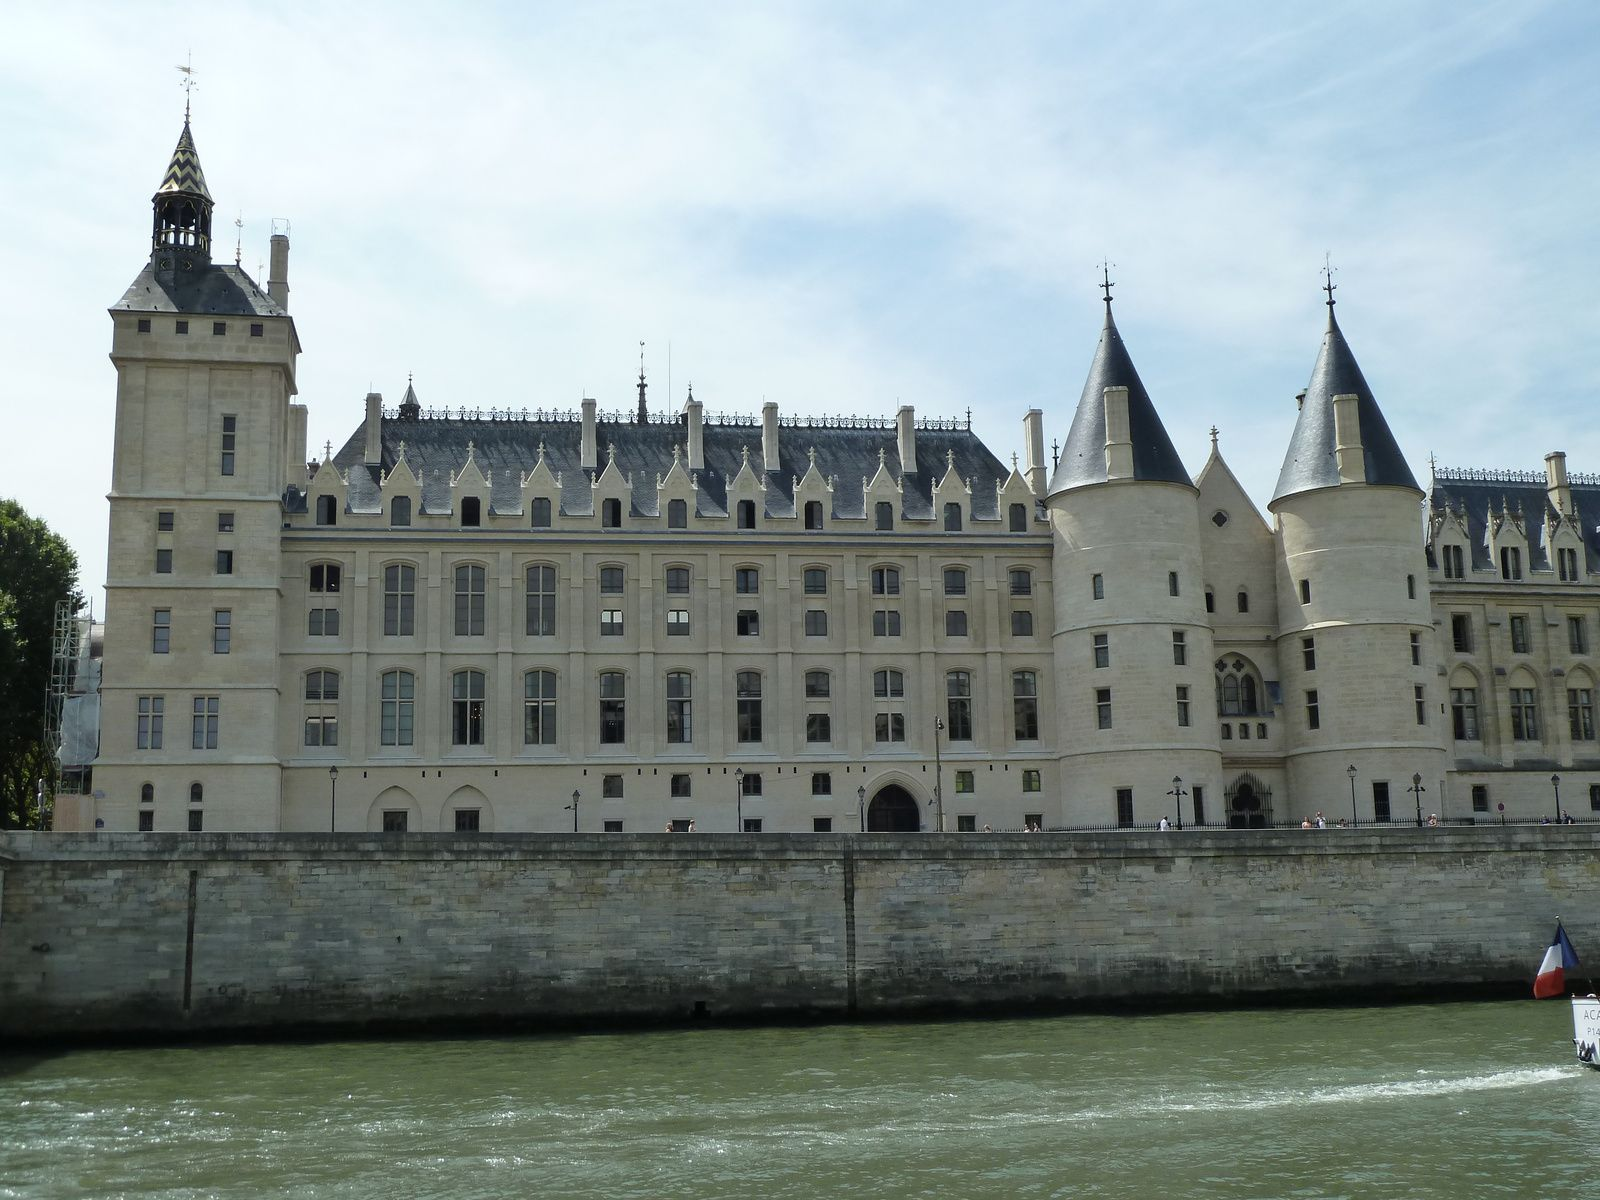 La Conciergerie a été édifiée à la demande du Roi Philippe le Bel au début du XIVème siècle. Elle  était alors le titre porté par le Gouverneur de la Maison du Roi. Il reste de cette époque trois salles Gothiques. Le bâtiment comporte quatre tours sur le quai de l'Horloge sur les bords de la Seine. Du quai de la Mégisserie, on peut admirer les deux tours jumelles de l'édifice : la Tour d'Argent à droite, où était conservé le trésor de la Couronne, à gauche, la Tour de César.  Au rez-de-chaussée se trouve la Salle des Gardes, et la Salle des Gens d'Arme. Son nom est surtout attaché à la période de la Terreur pendant la Révolution Française.  La Conciergerie était alors la prison du Tribunal Révolutionnaire et y être signifiait la quasi certitude d'être guillotiné.  Elle a vu passer Marie-Antoinette, Charlotte Corday, Madame Roland et les Girondins, Danton, André Chénier, le Général Hoche et Robespierre...